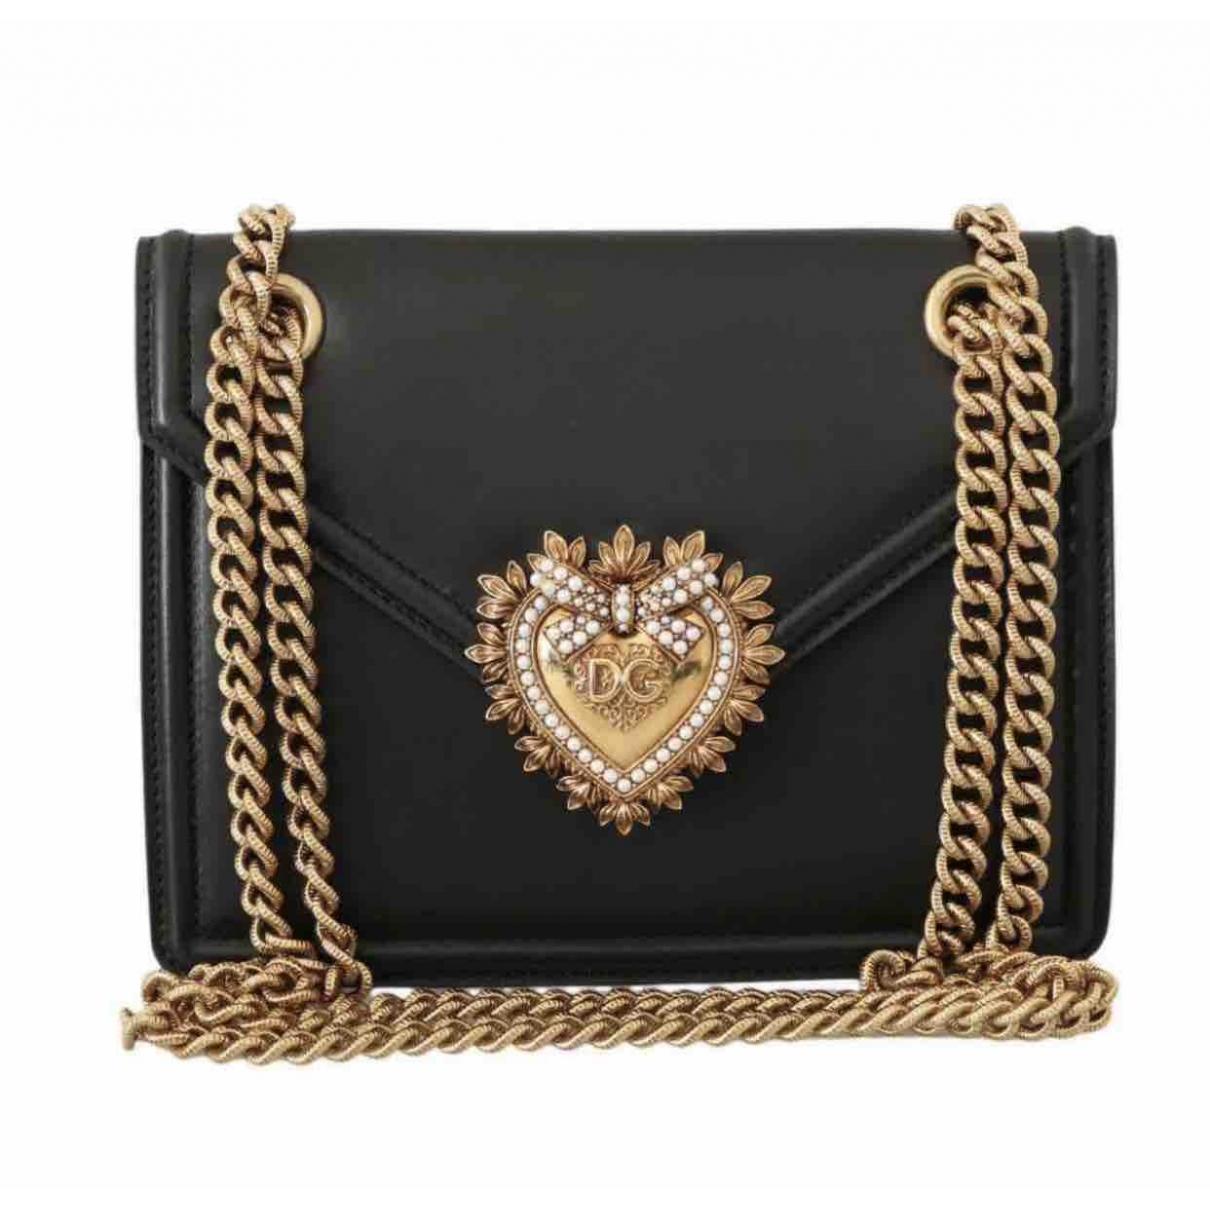 Dolce & Gabbana Devotion Black Leather handbag for Women \N